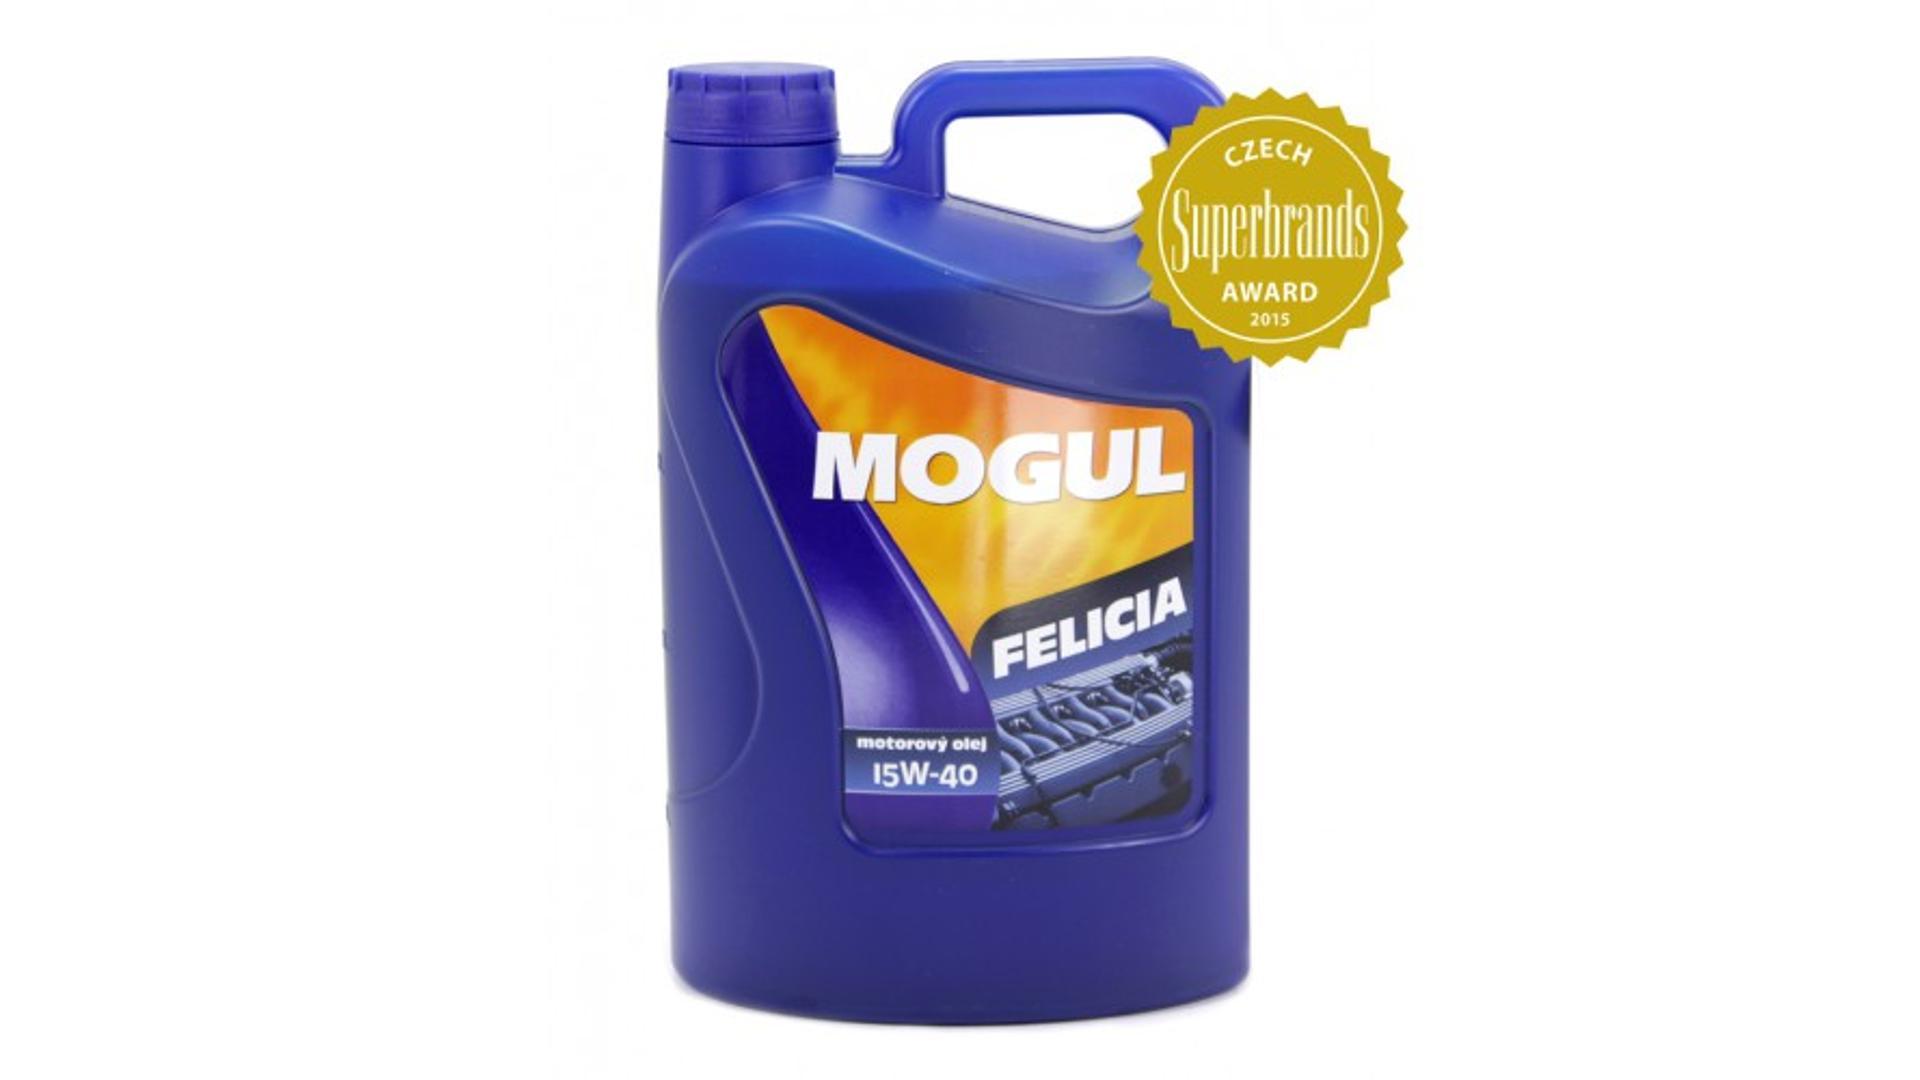 MOGUL GX FELICIA 15W-40 /4